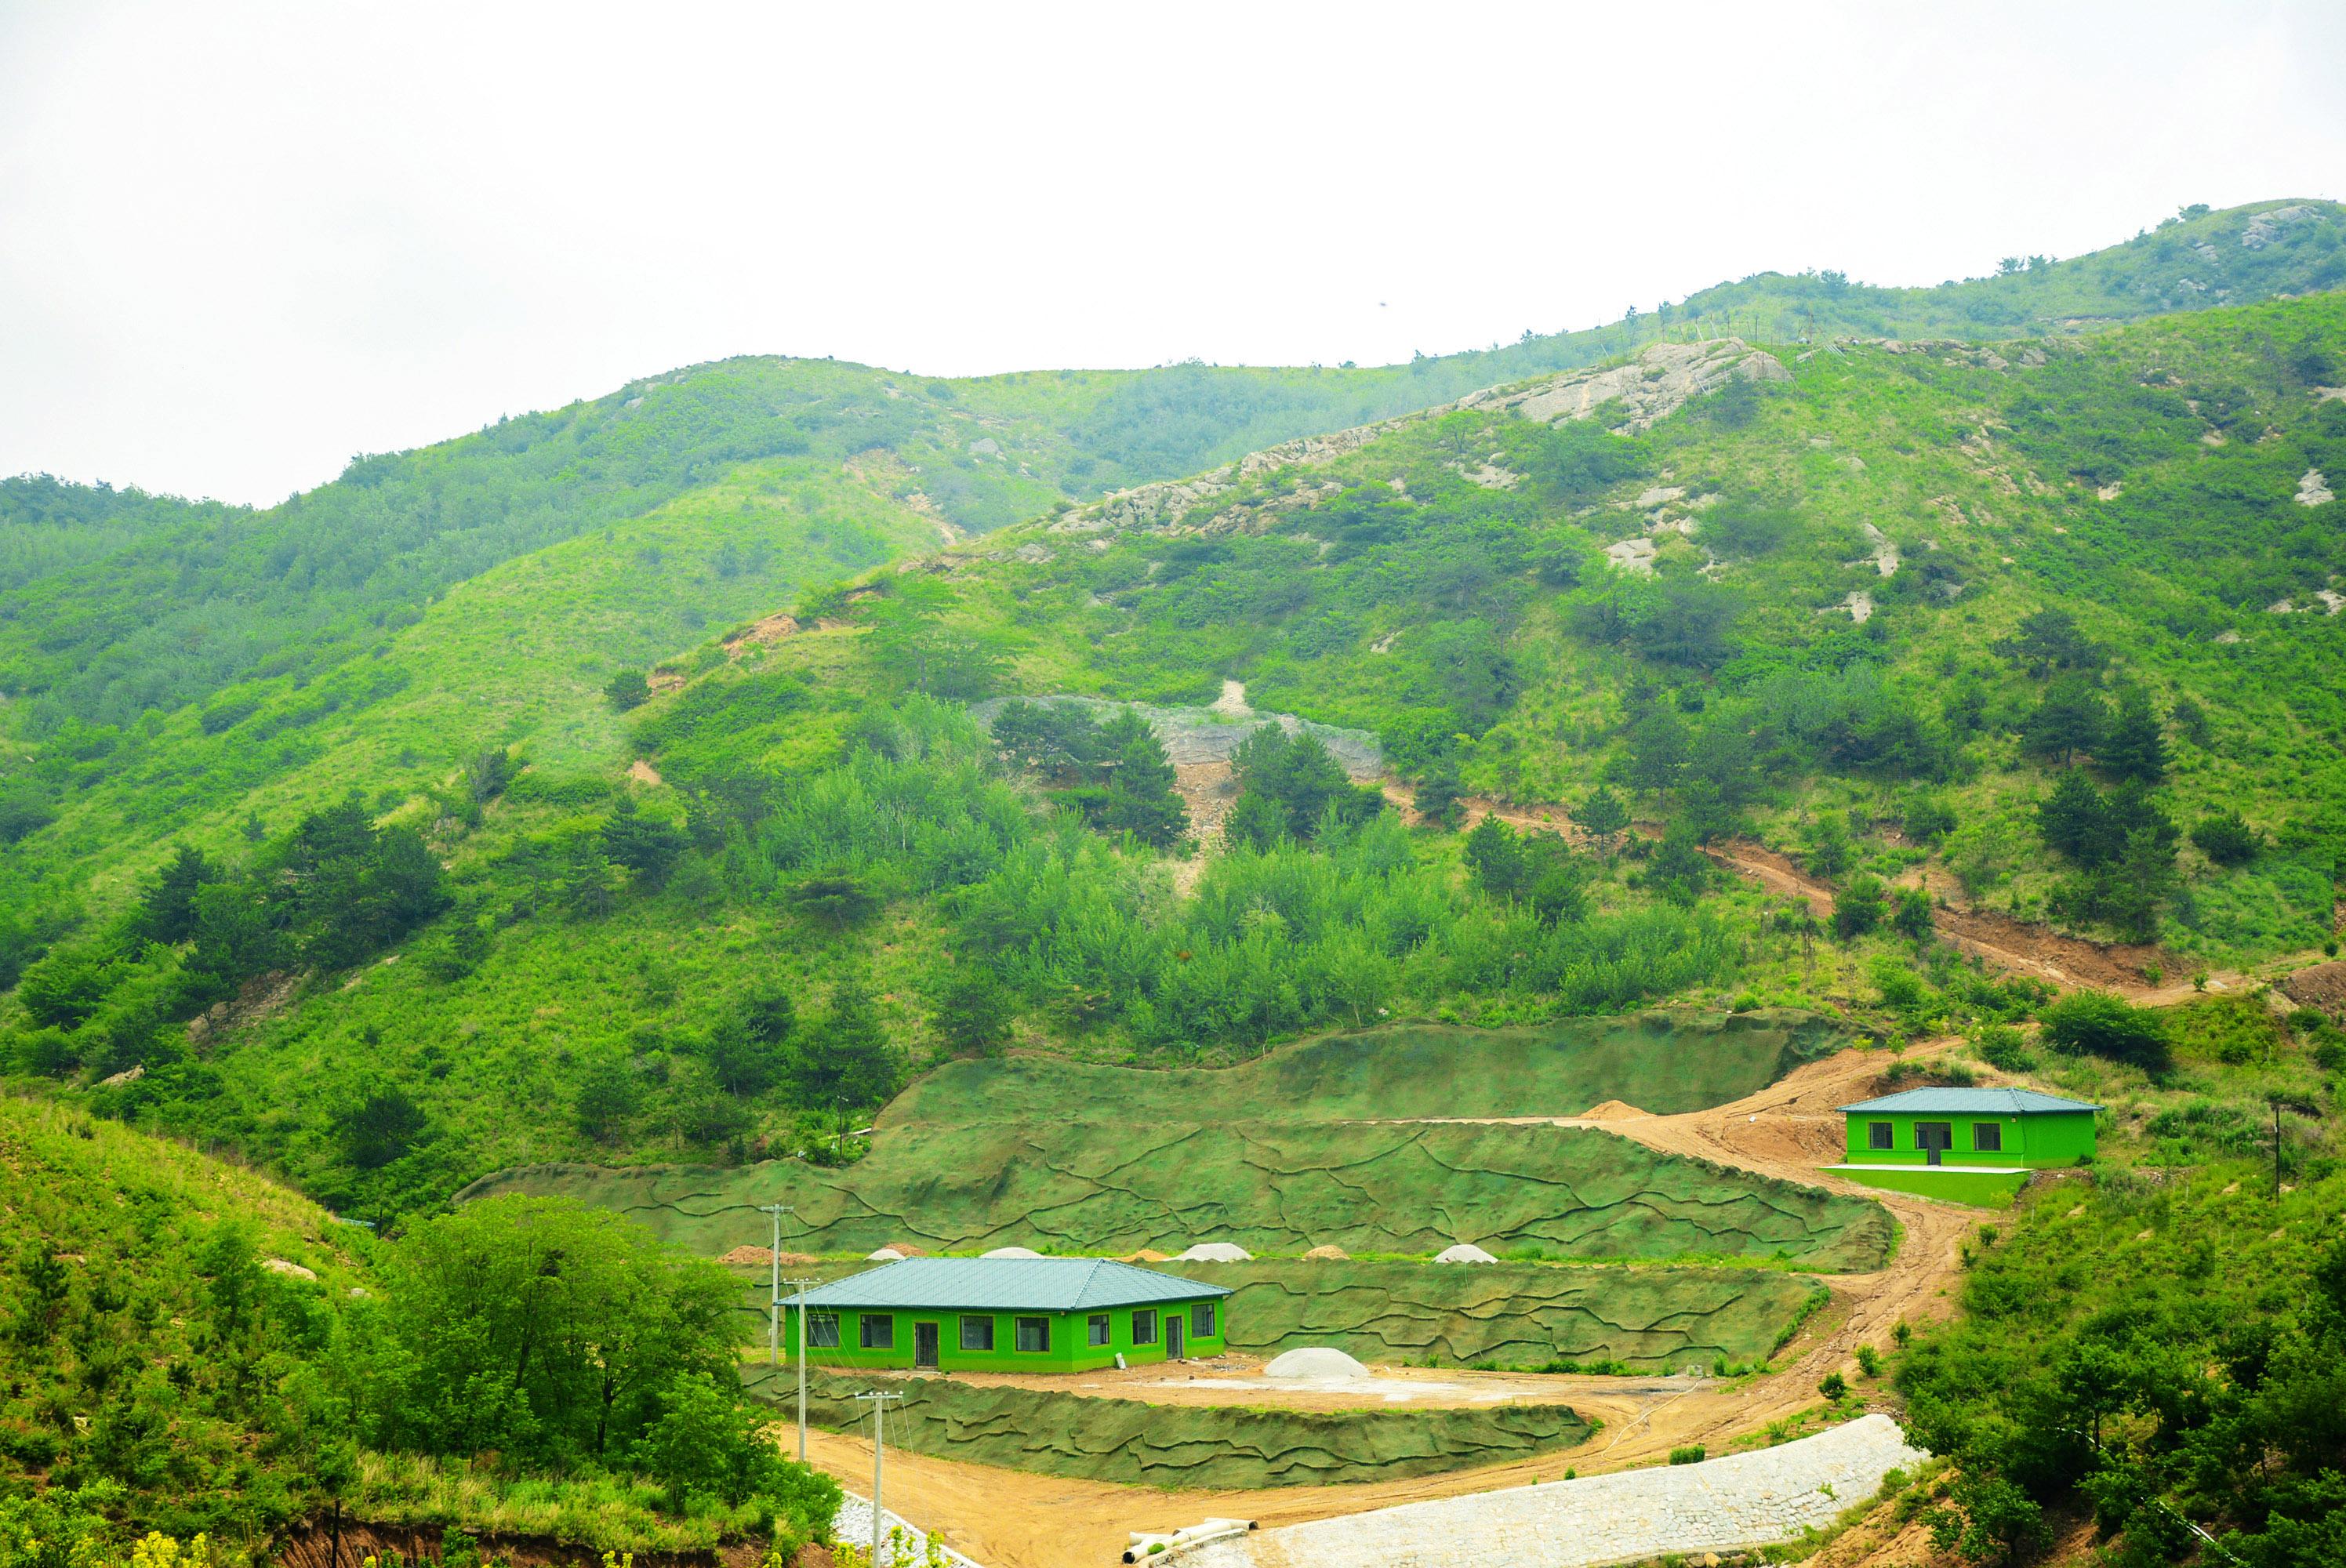 芙蓉山风景区